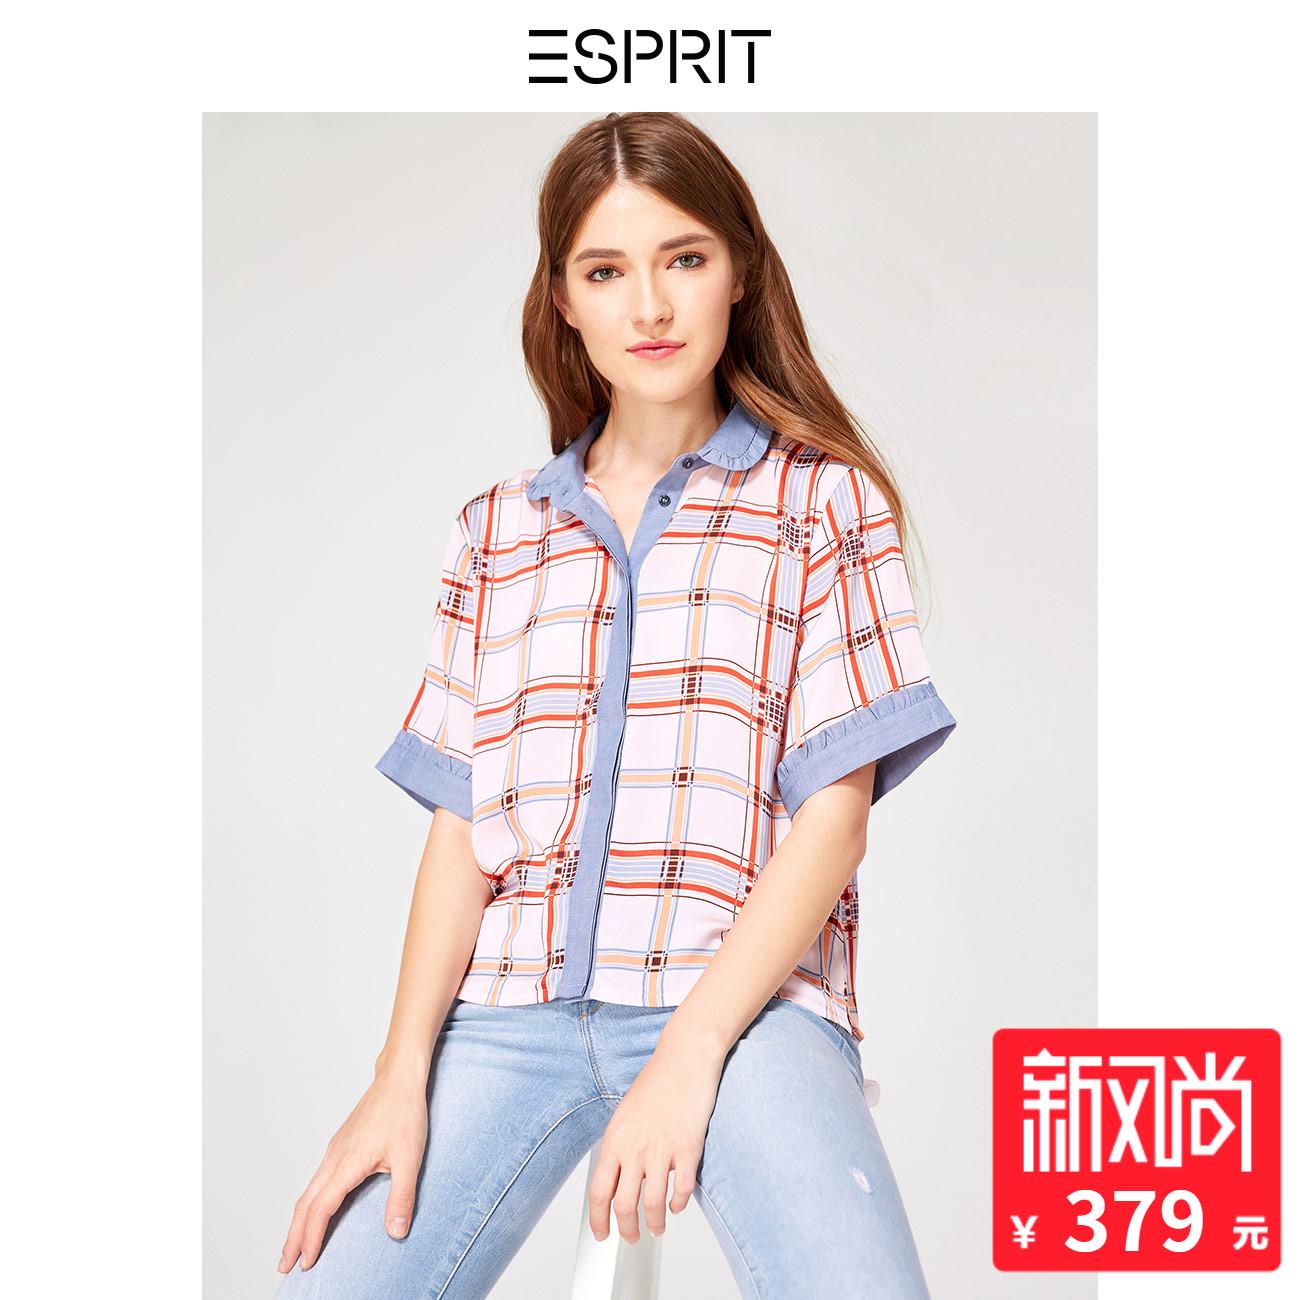 ESPRIT 女装2018秋拼接荷叶边格子短袖衬衫女-078EO1F017